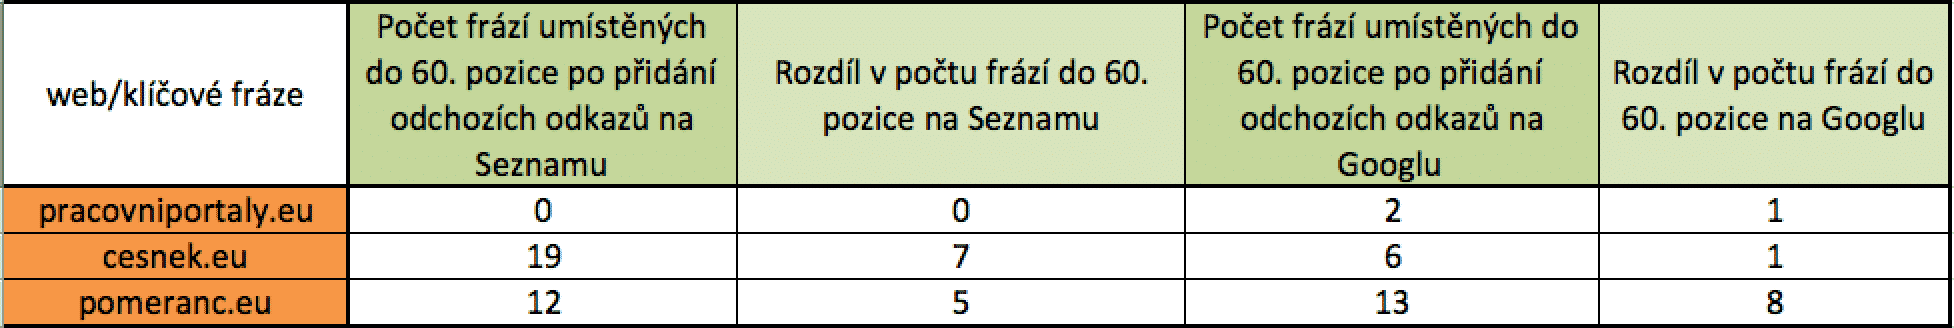 Počet sledovaných frází na konci měření po přidání odchozích odkazů